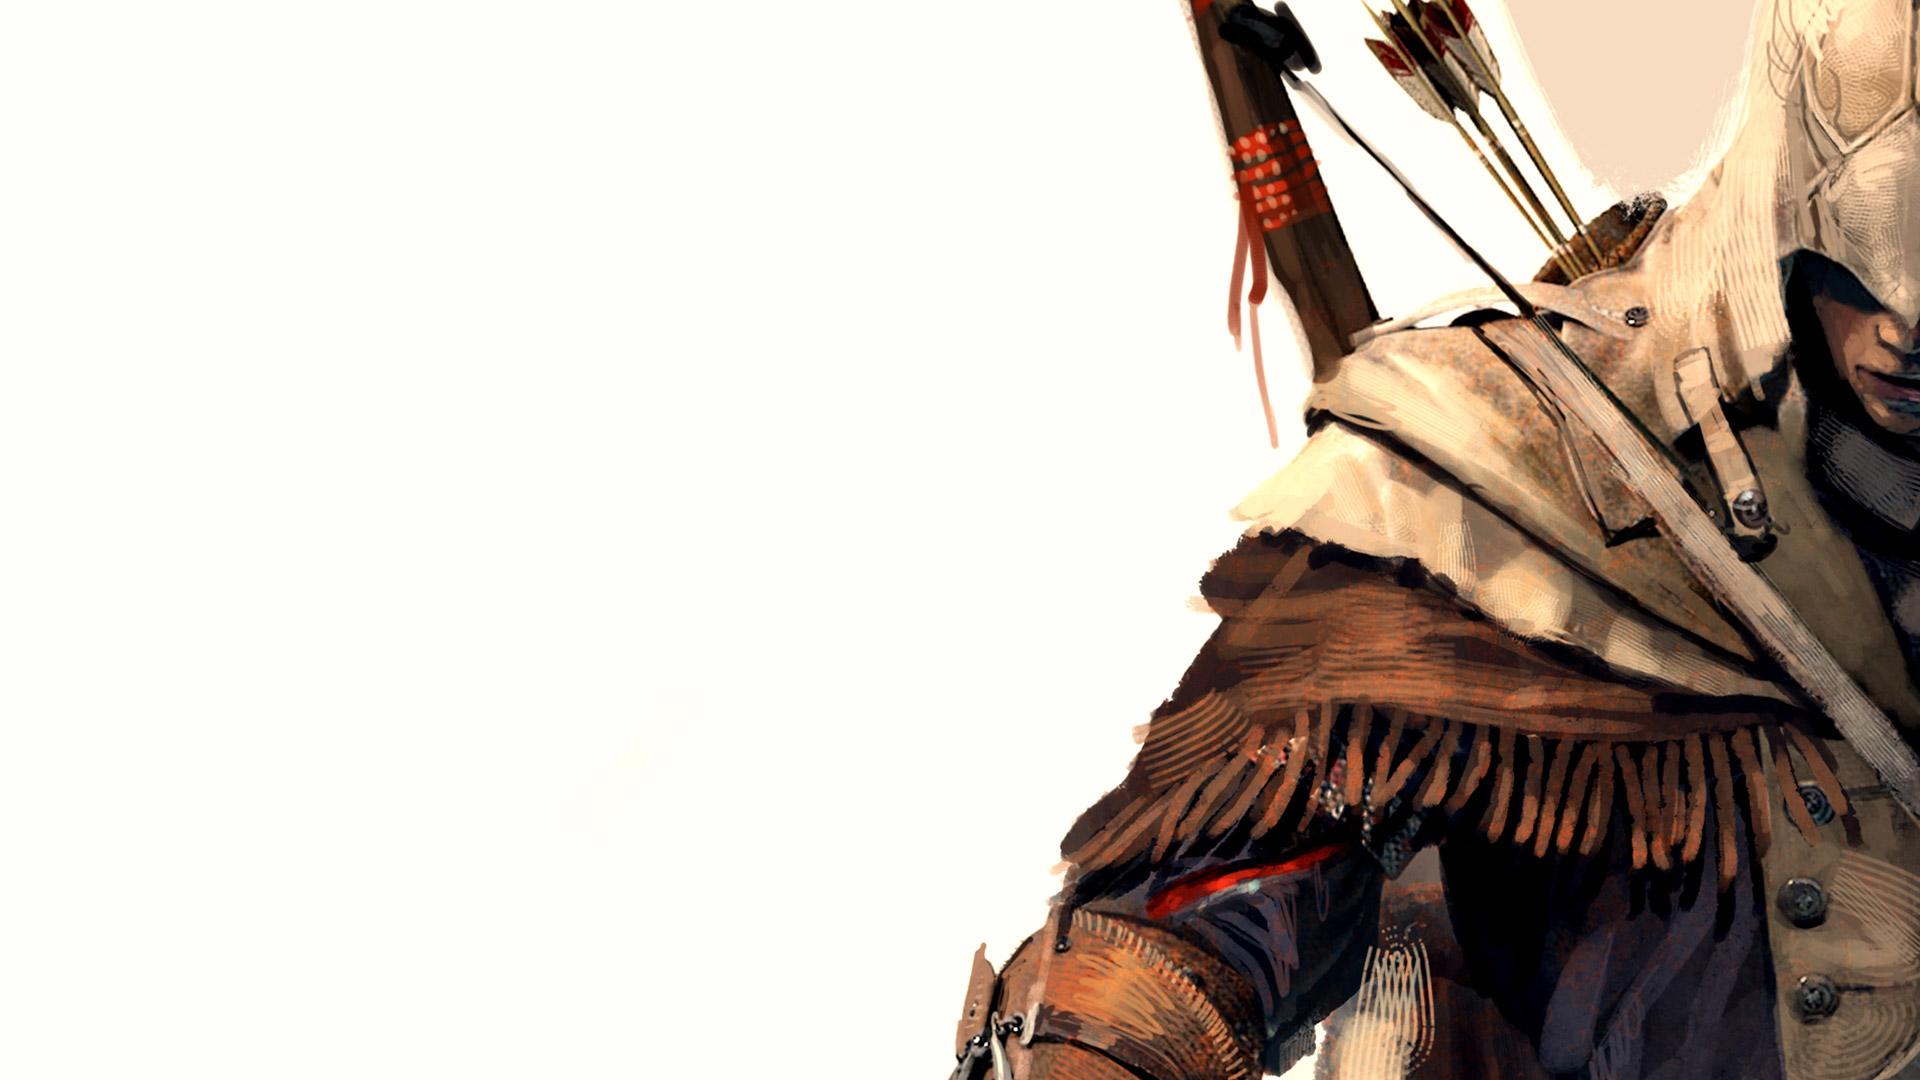 Assassins Creed III Wallpaper in 1920x1080 1920x1080